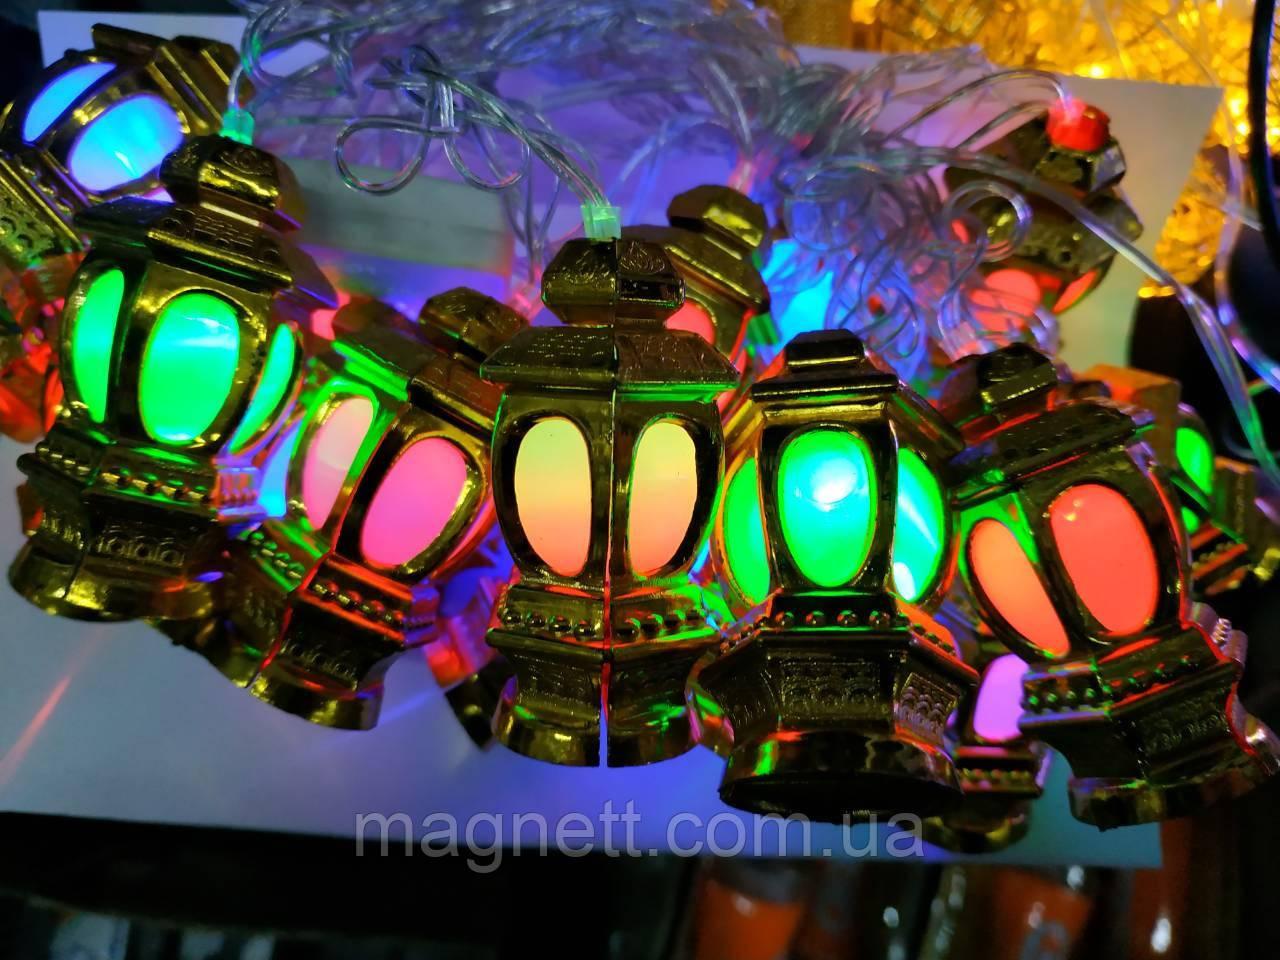 Оригинальная гирлянда фонарики 5 метров LED 20 (большие)